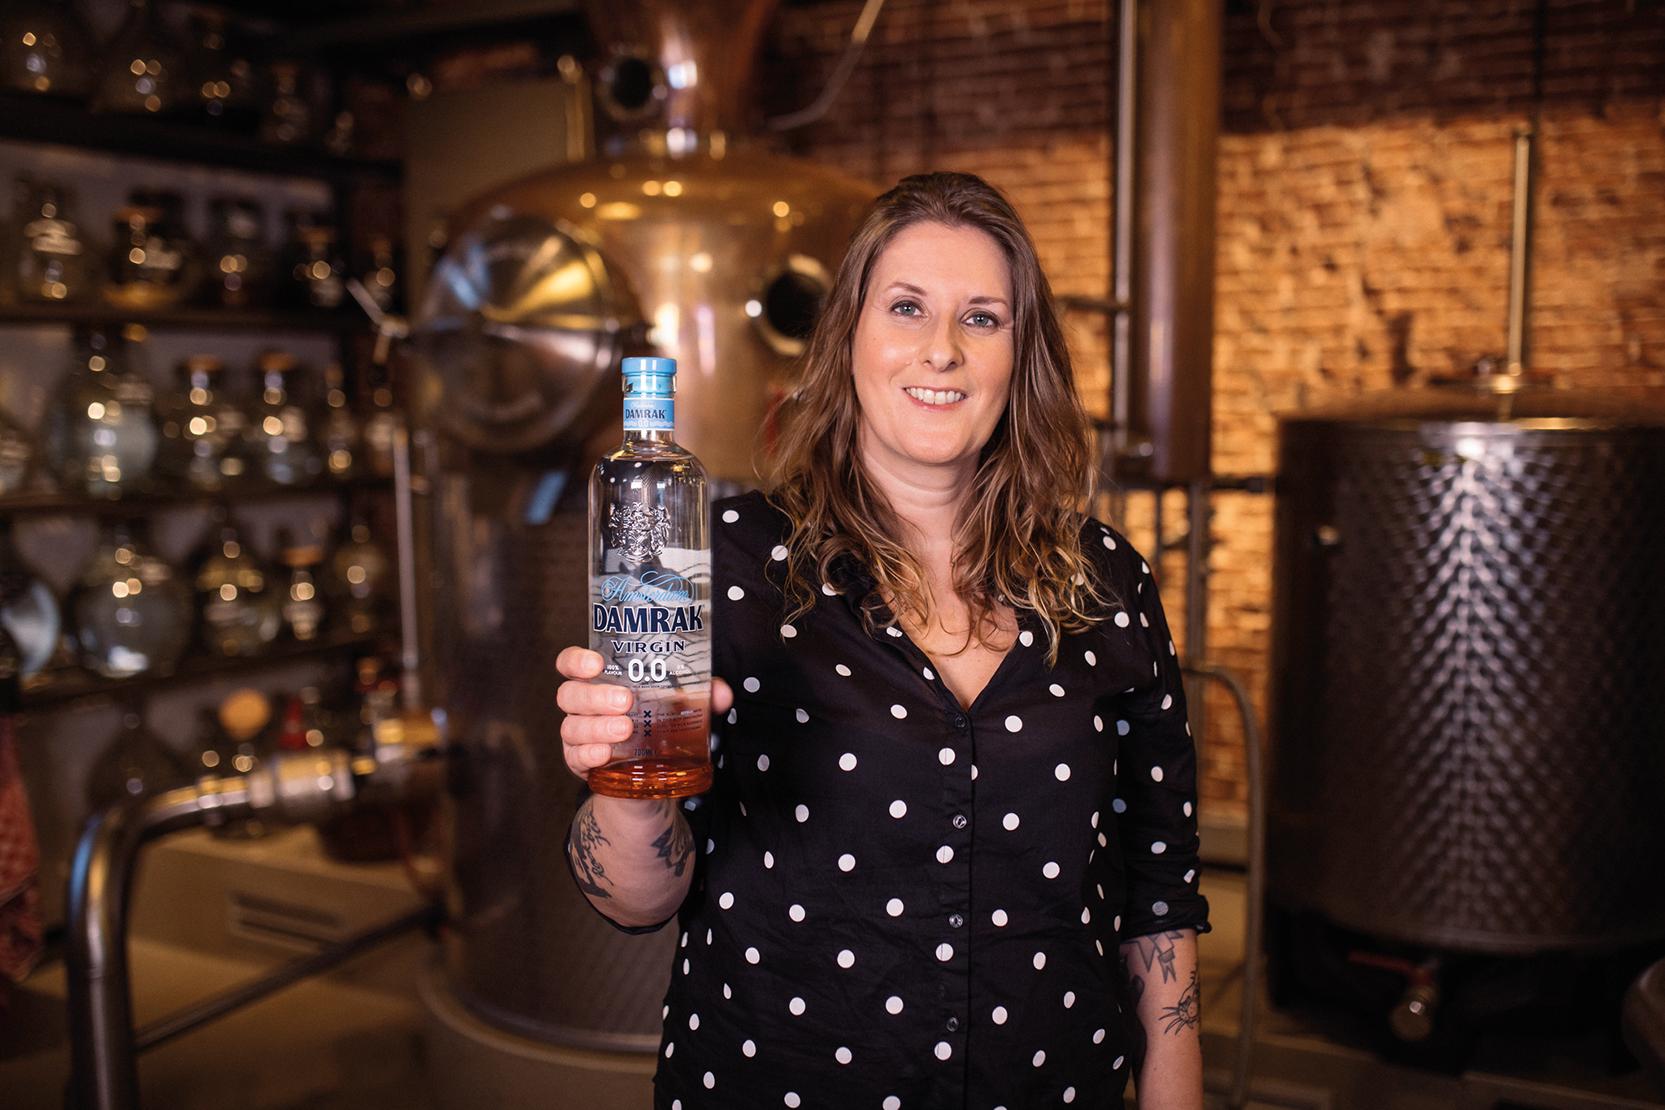 Monique ten Kortenaar, head distiller at Lucas Bols